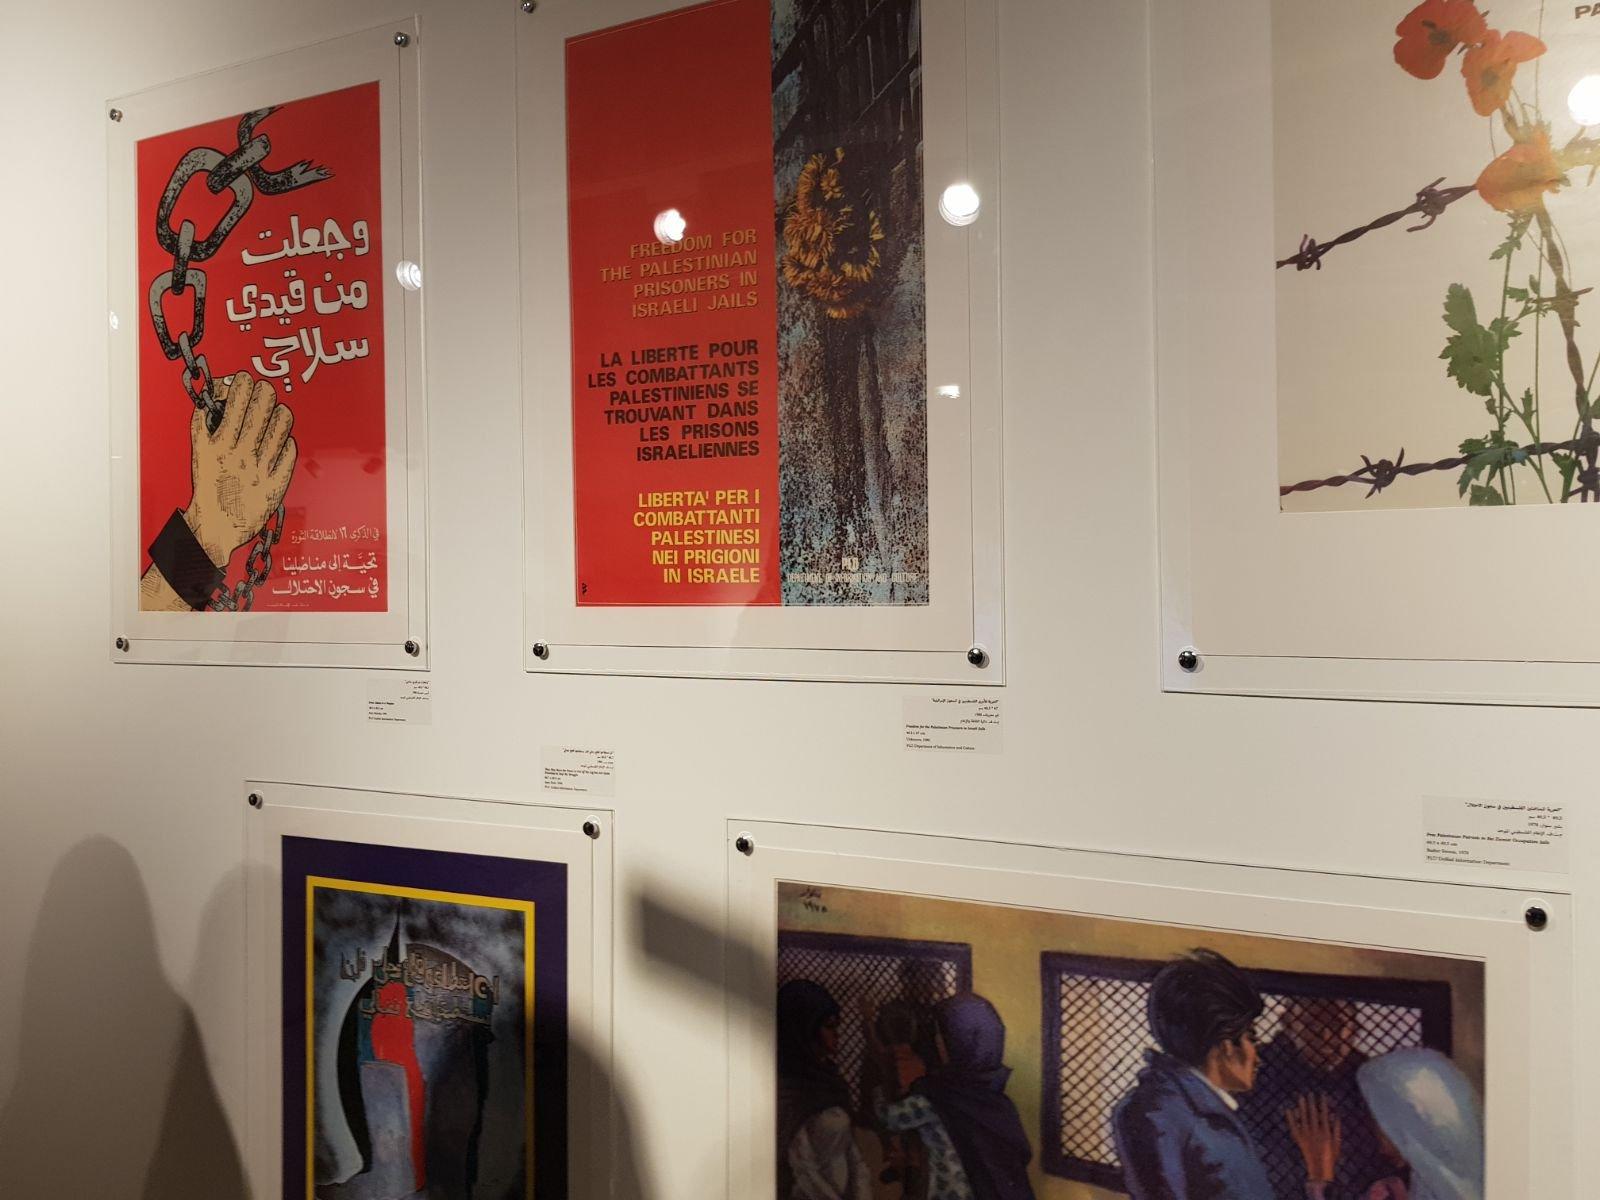 معرض يصور الأفكار والمفاهيم المتعلقة بالثورة الفلسطينية في عقدي السبعينات والثمانيات-6